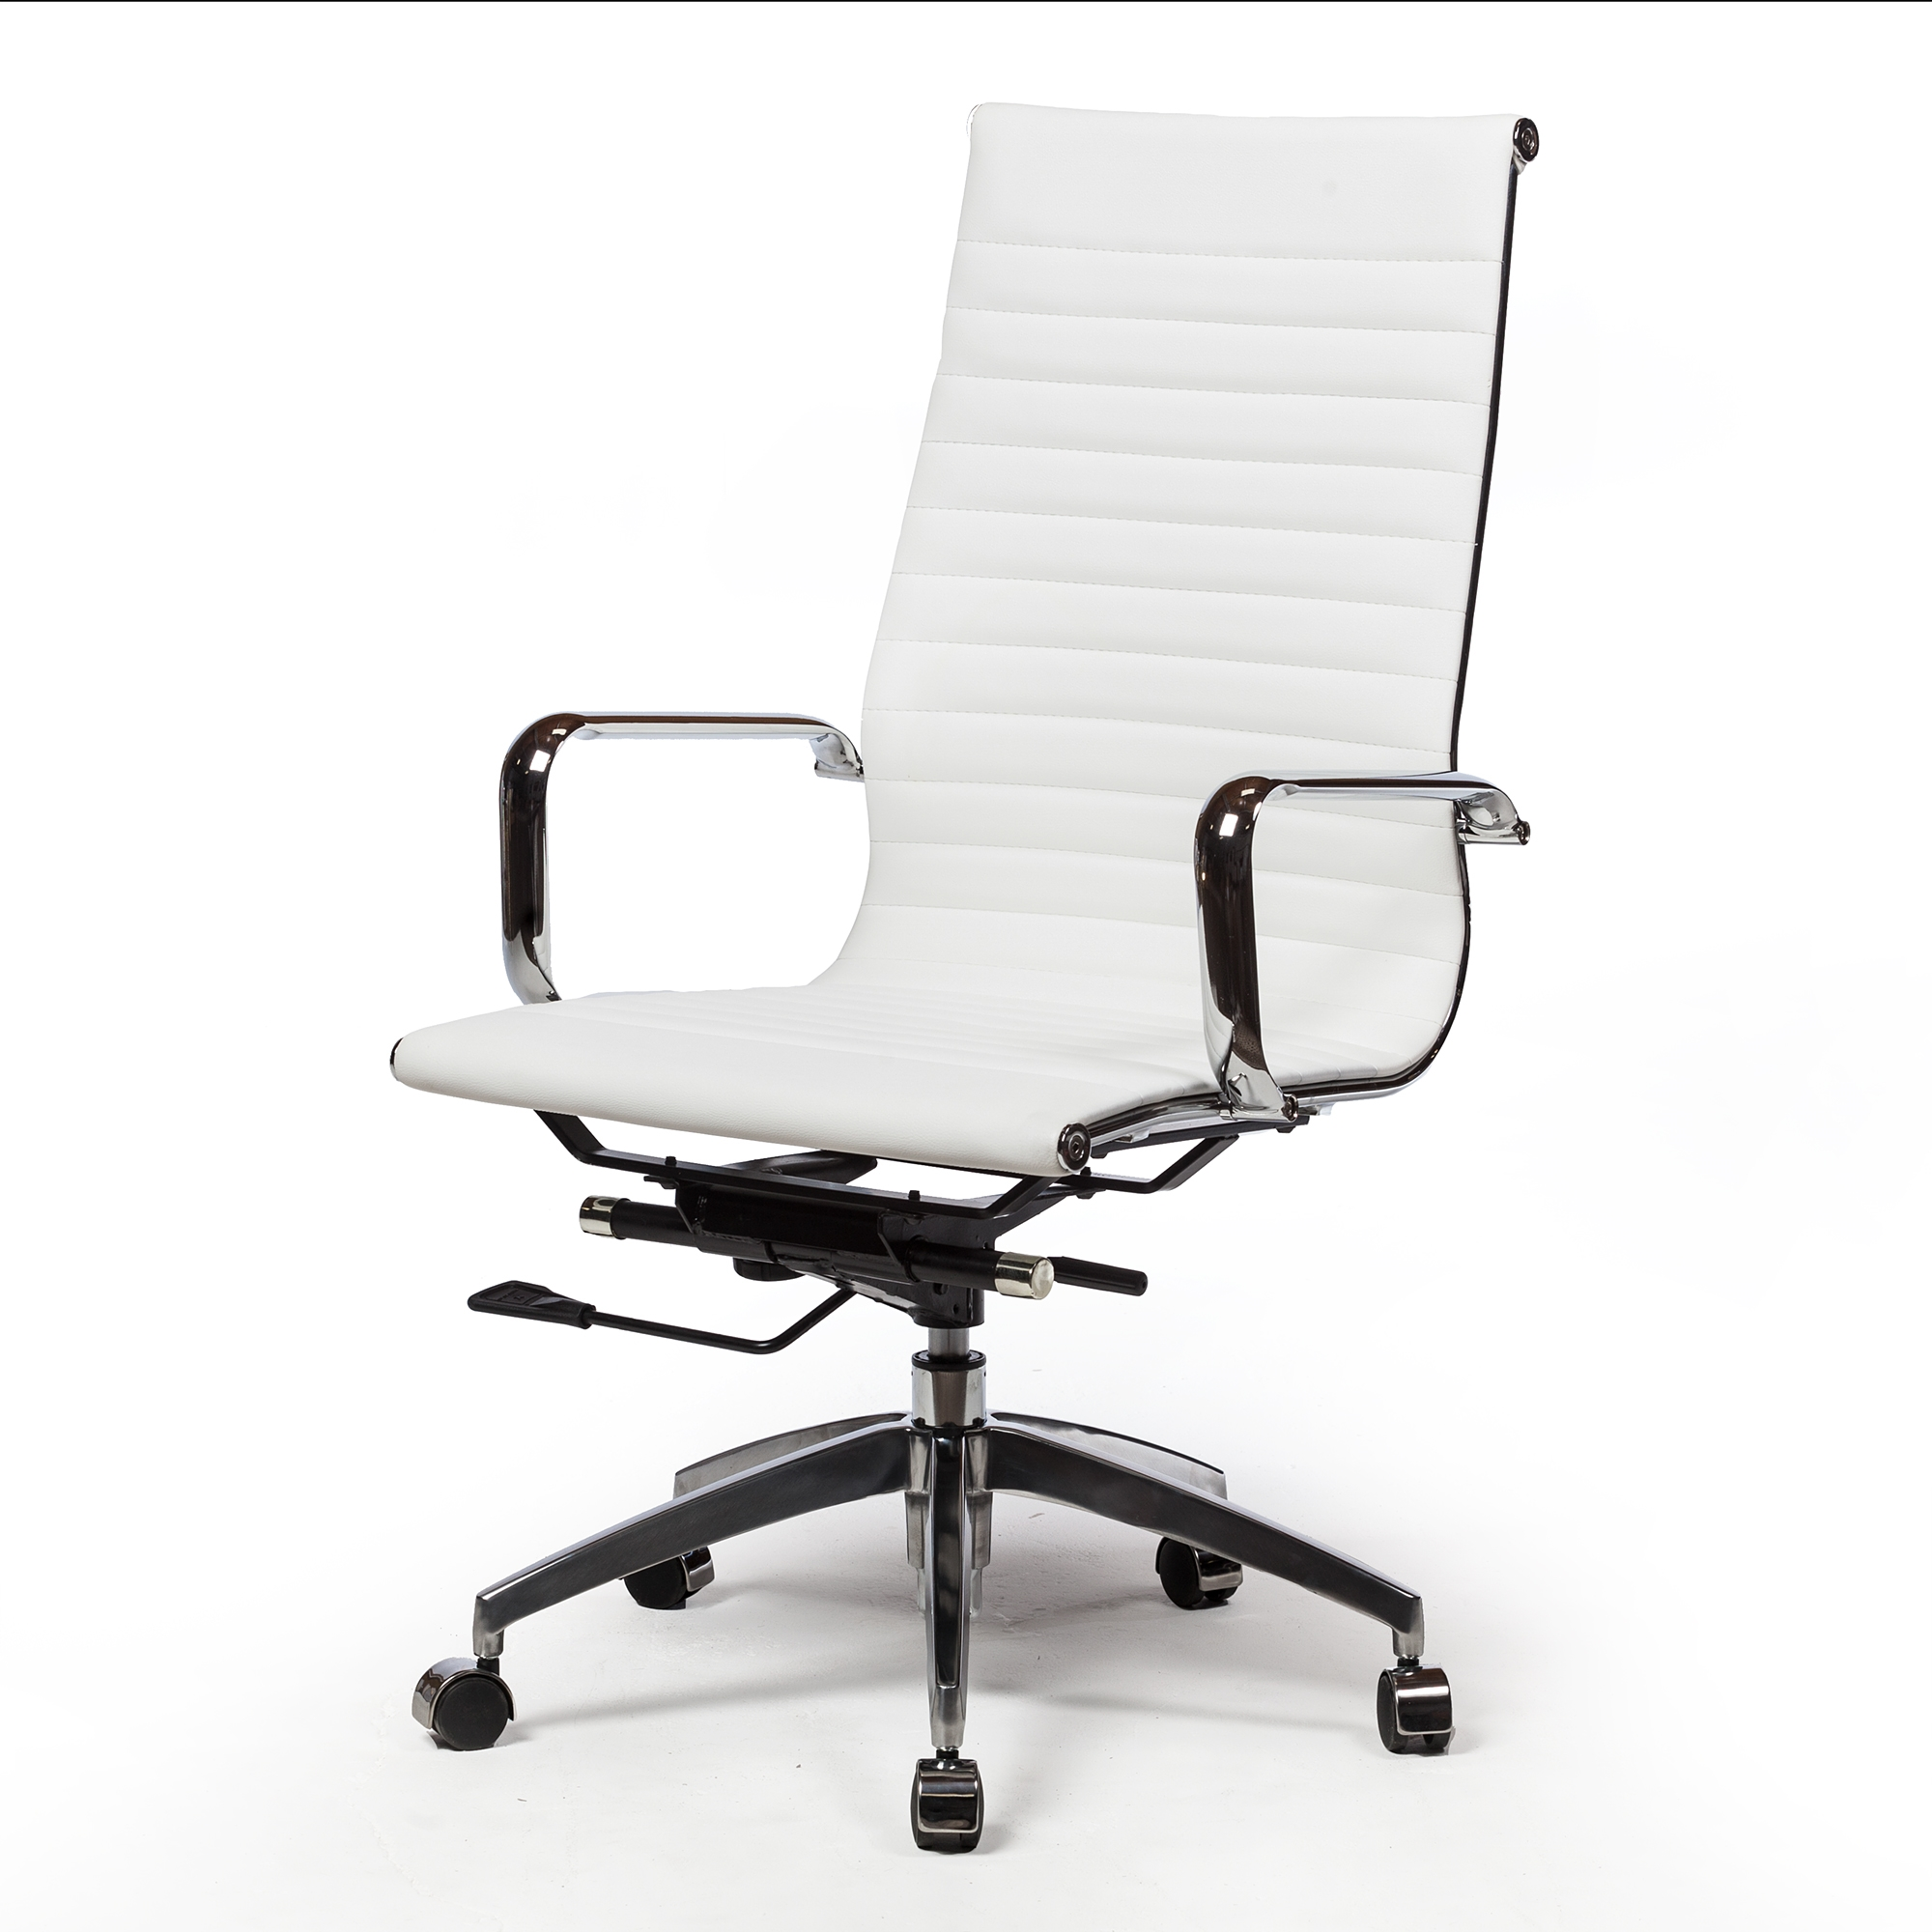 Mid Century Modern Chair In White